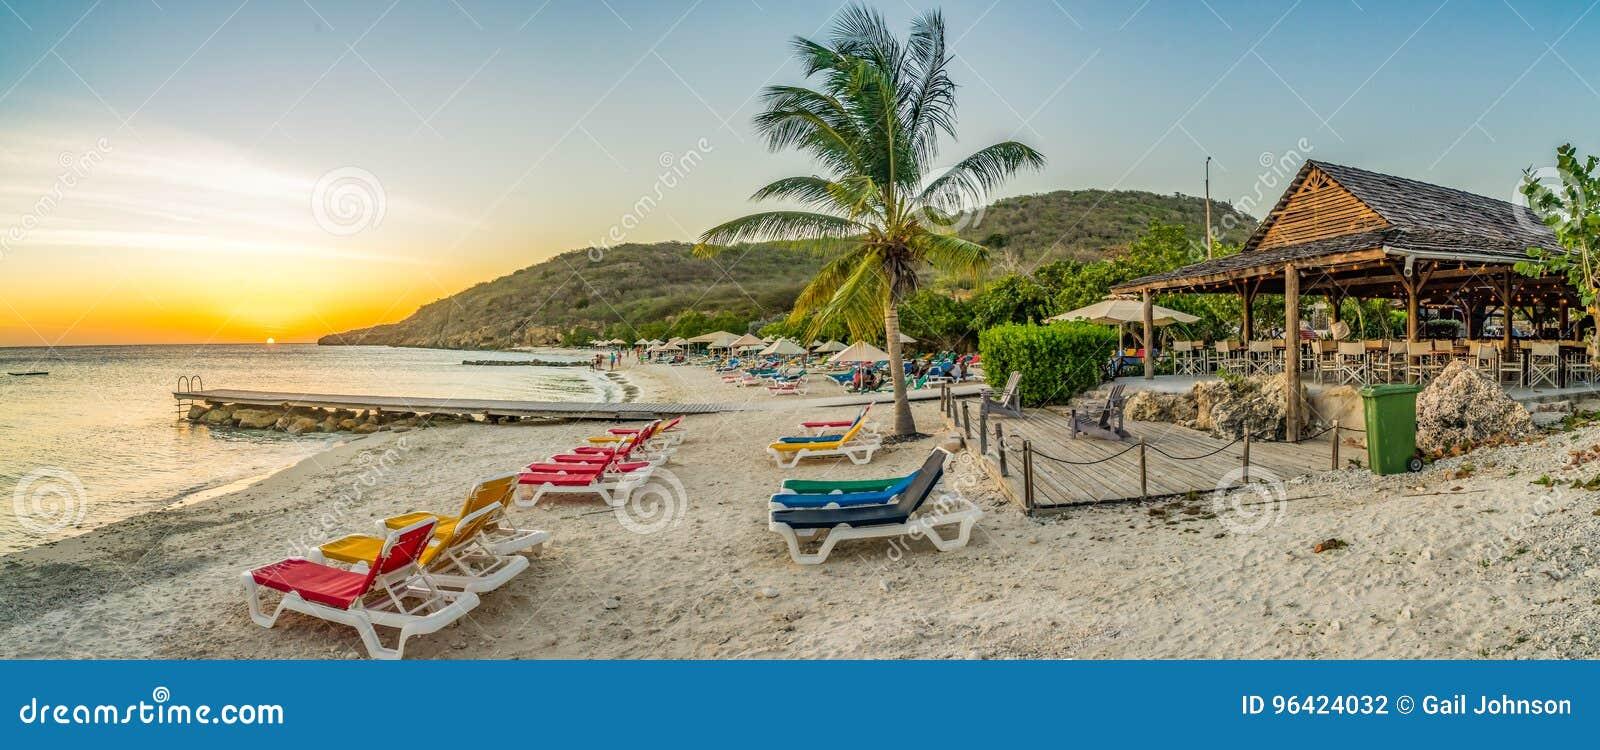 Vues du Curaçao de plage de PortoMarir